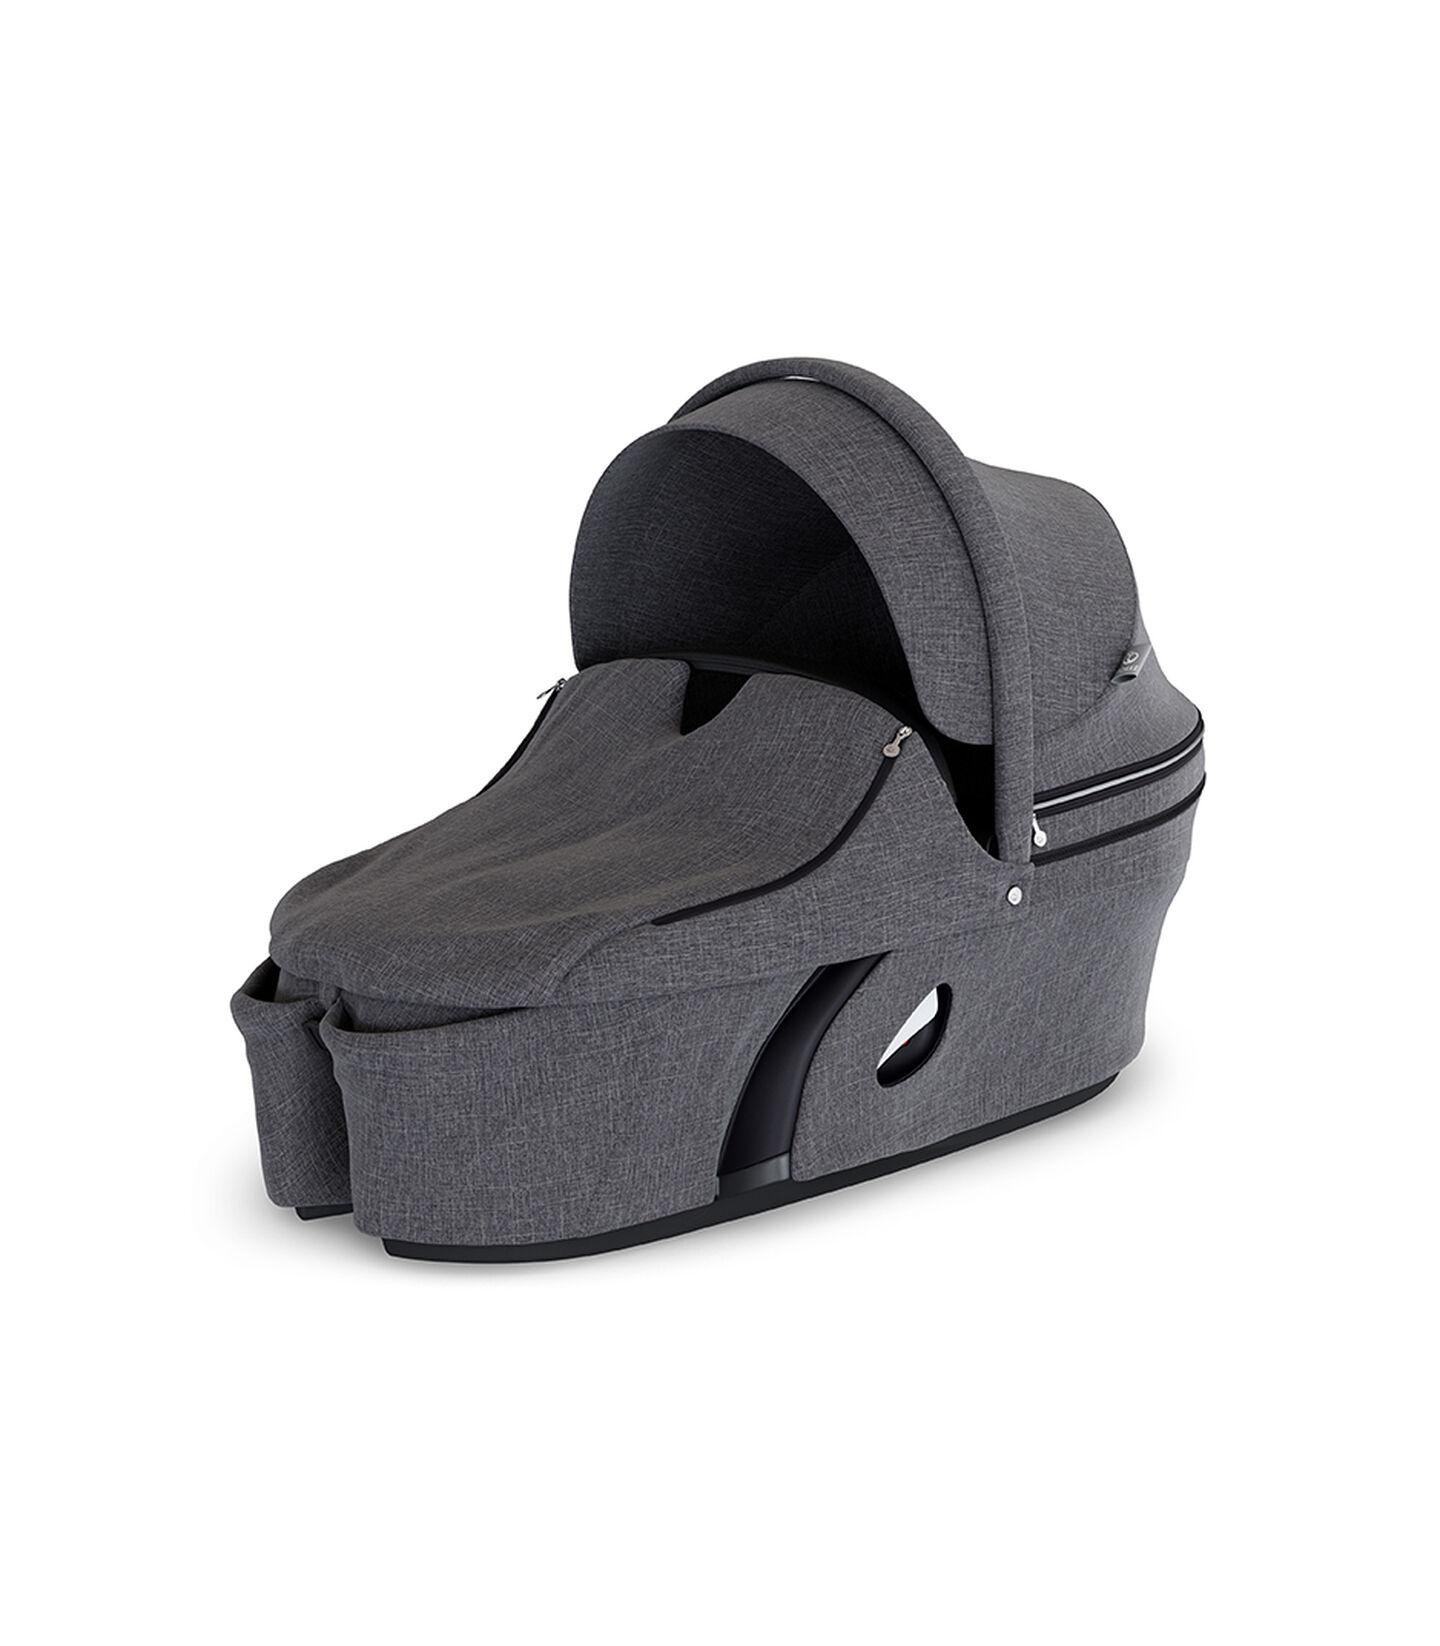 Stokke® Xplory® Carry Cot Complete Black Melange, Noir mélange, mainview view 2